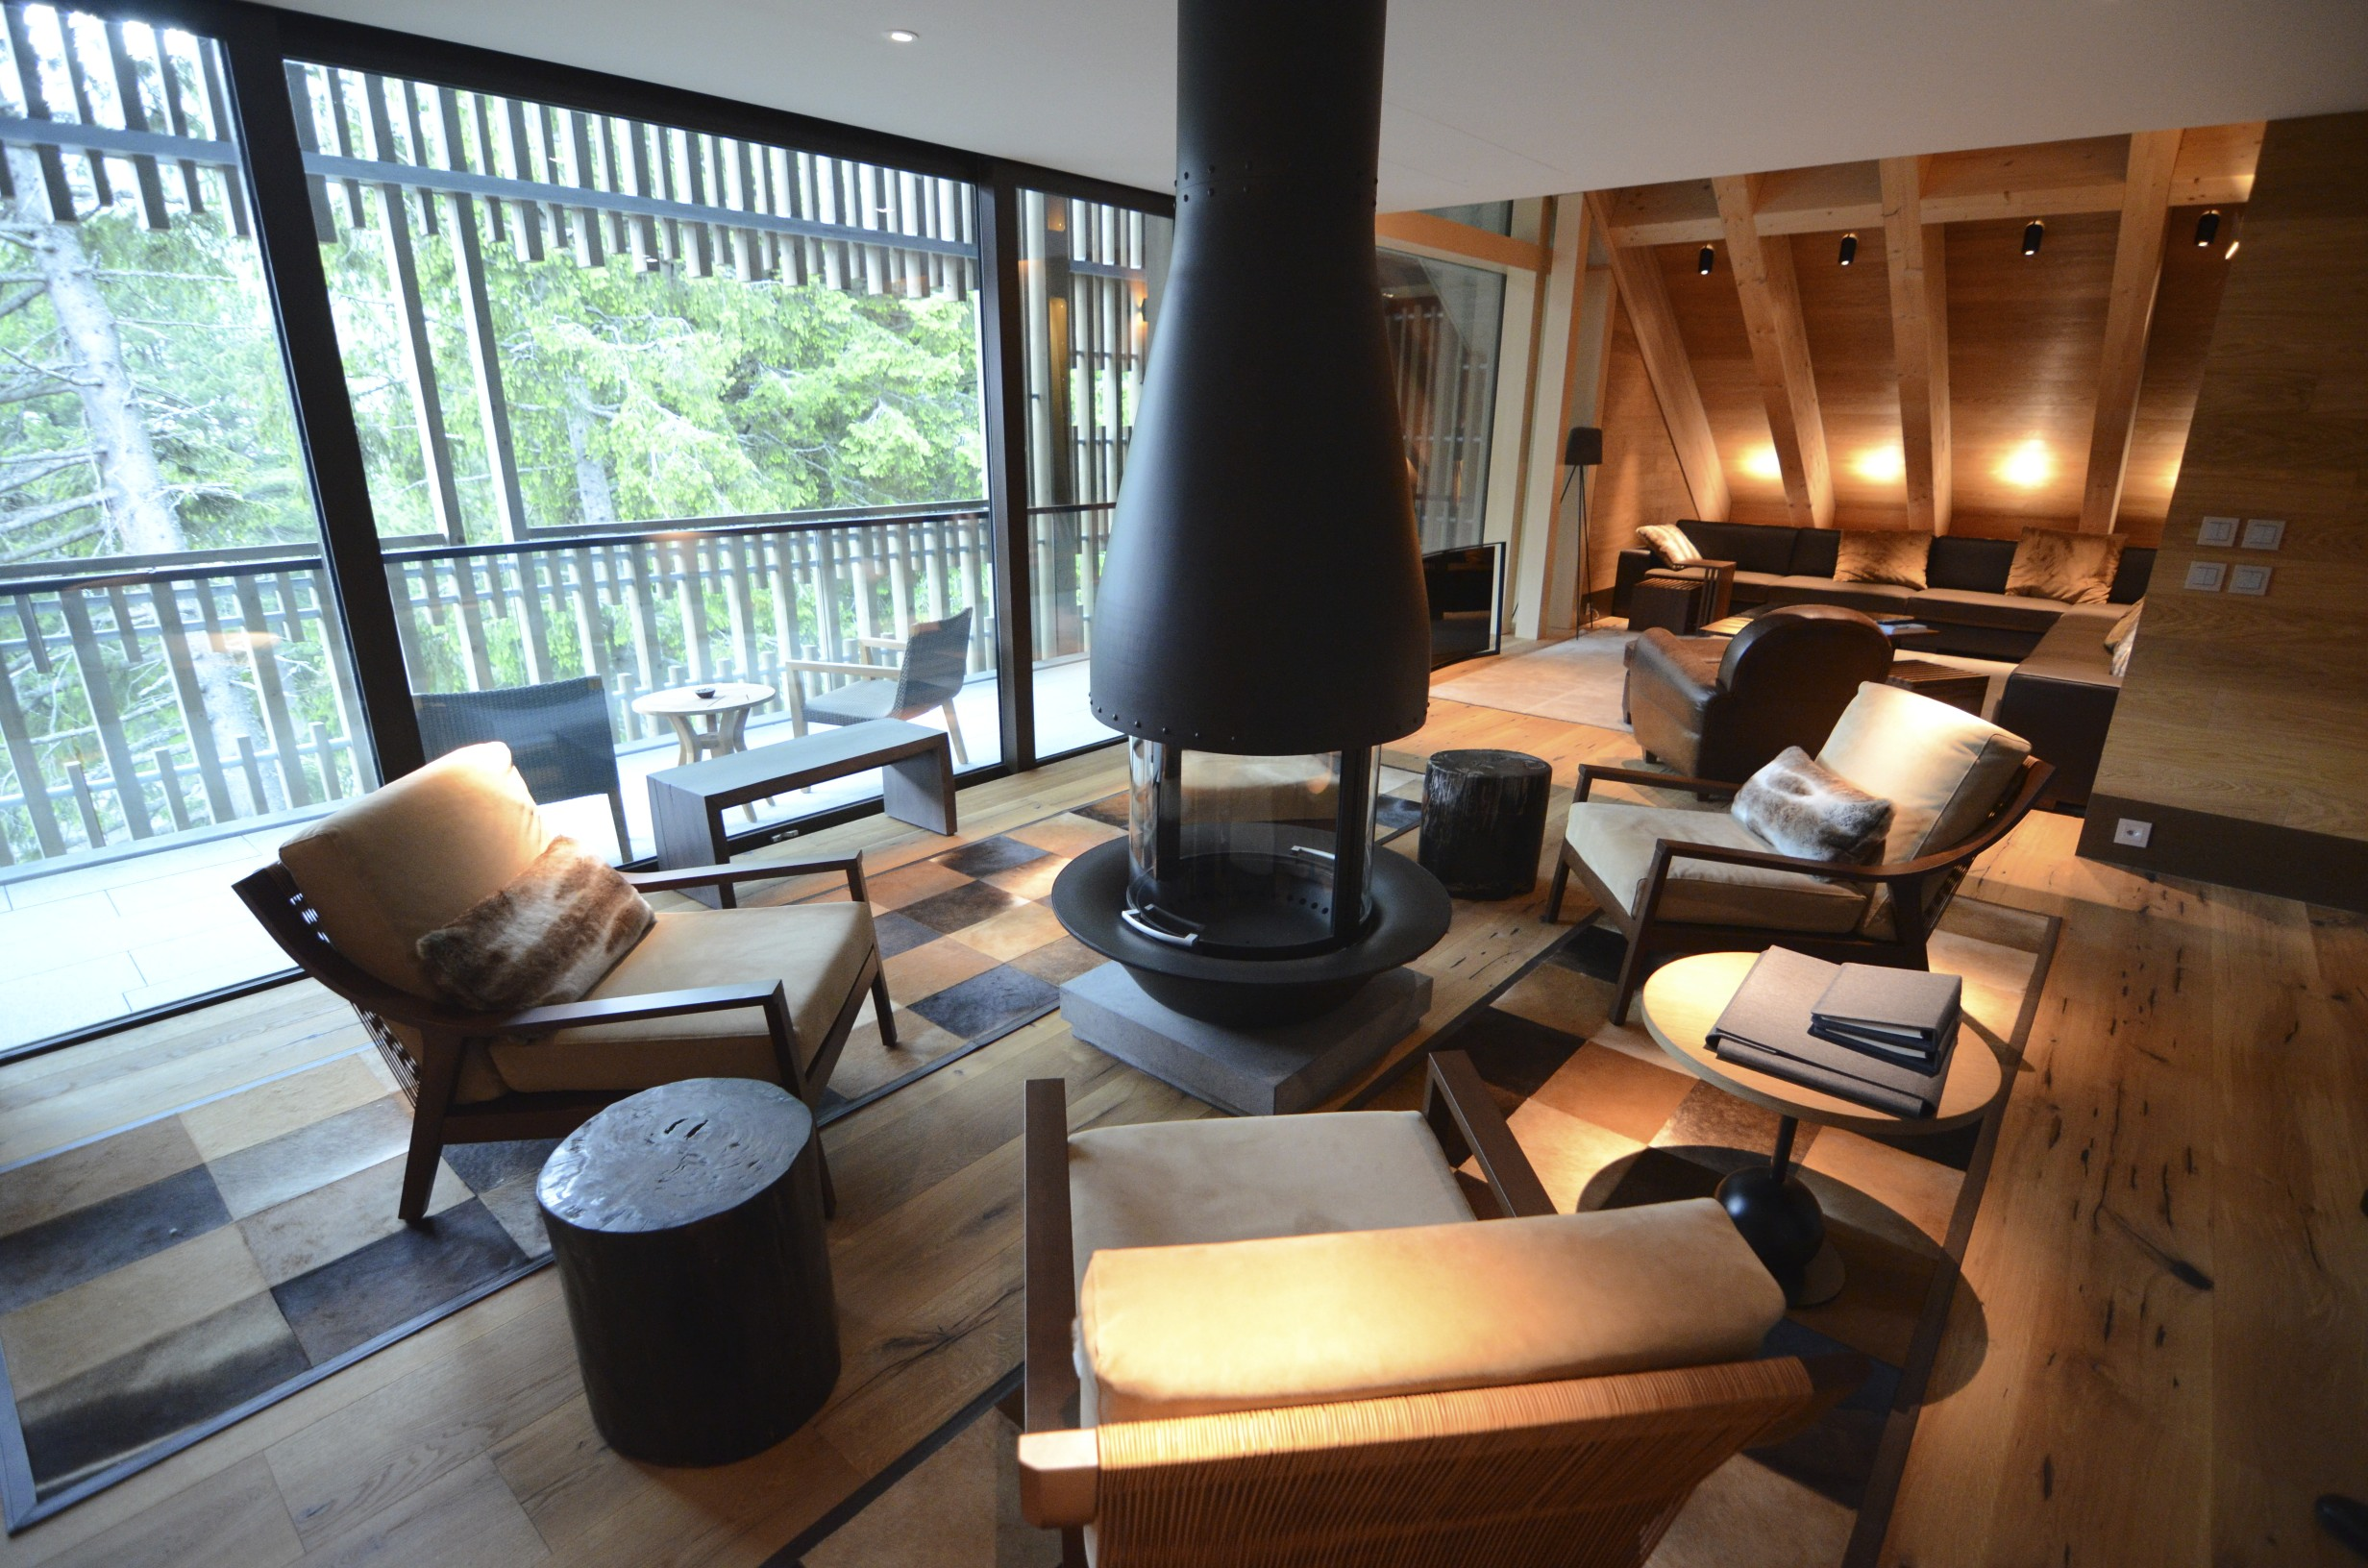 Le Foyer Hotel In Hanoi : Spectaculaire hotel au coeur de la suisse siège hublot